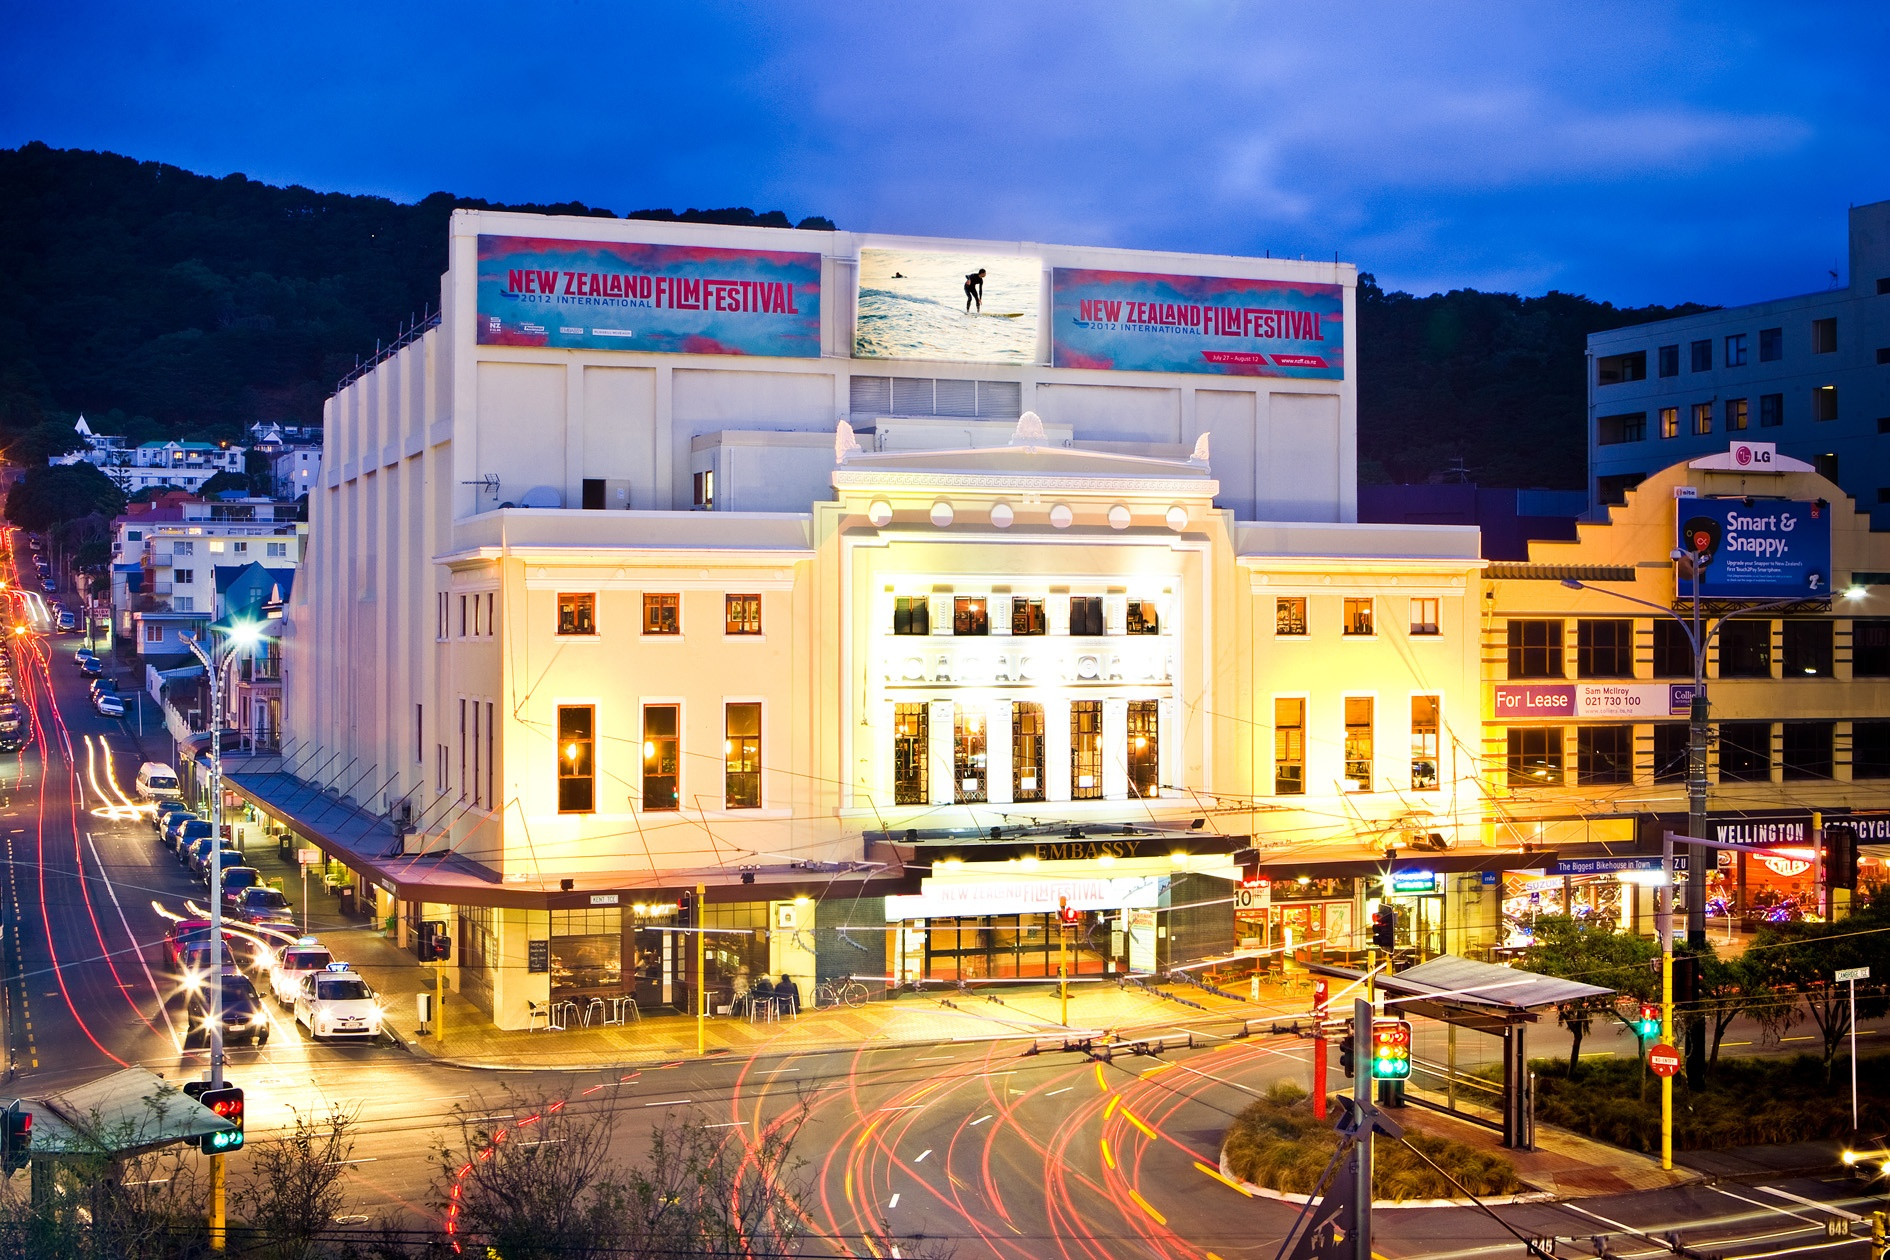 Wellington city (image care of WellingtonNZ.com).